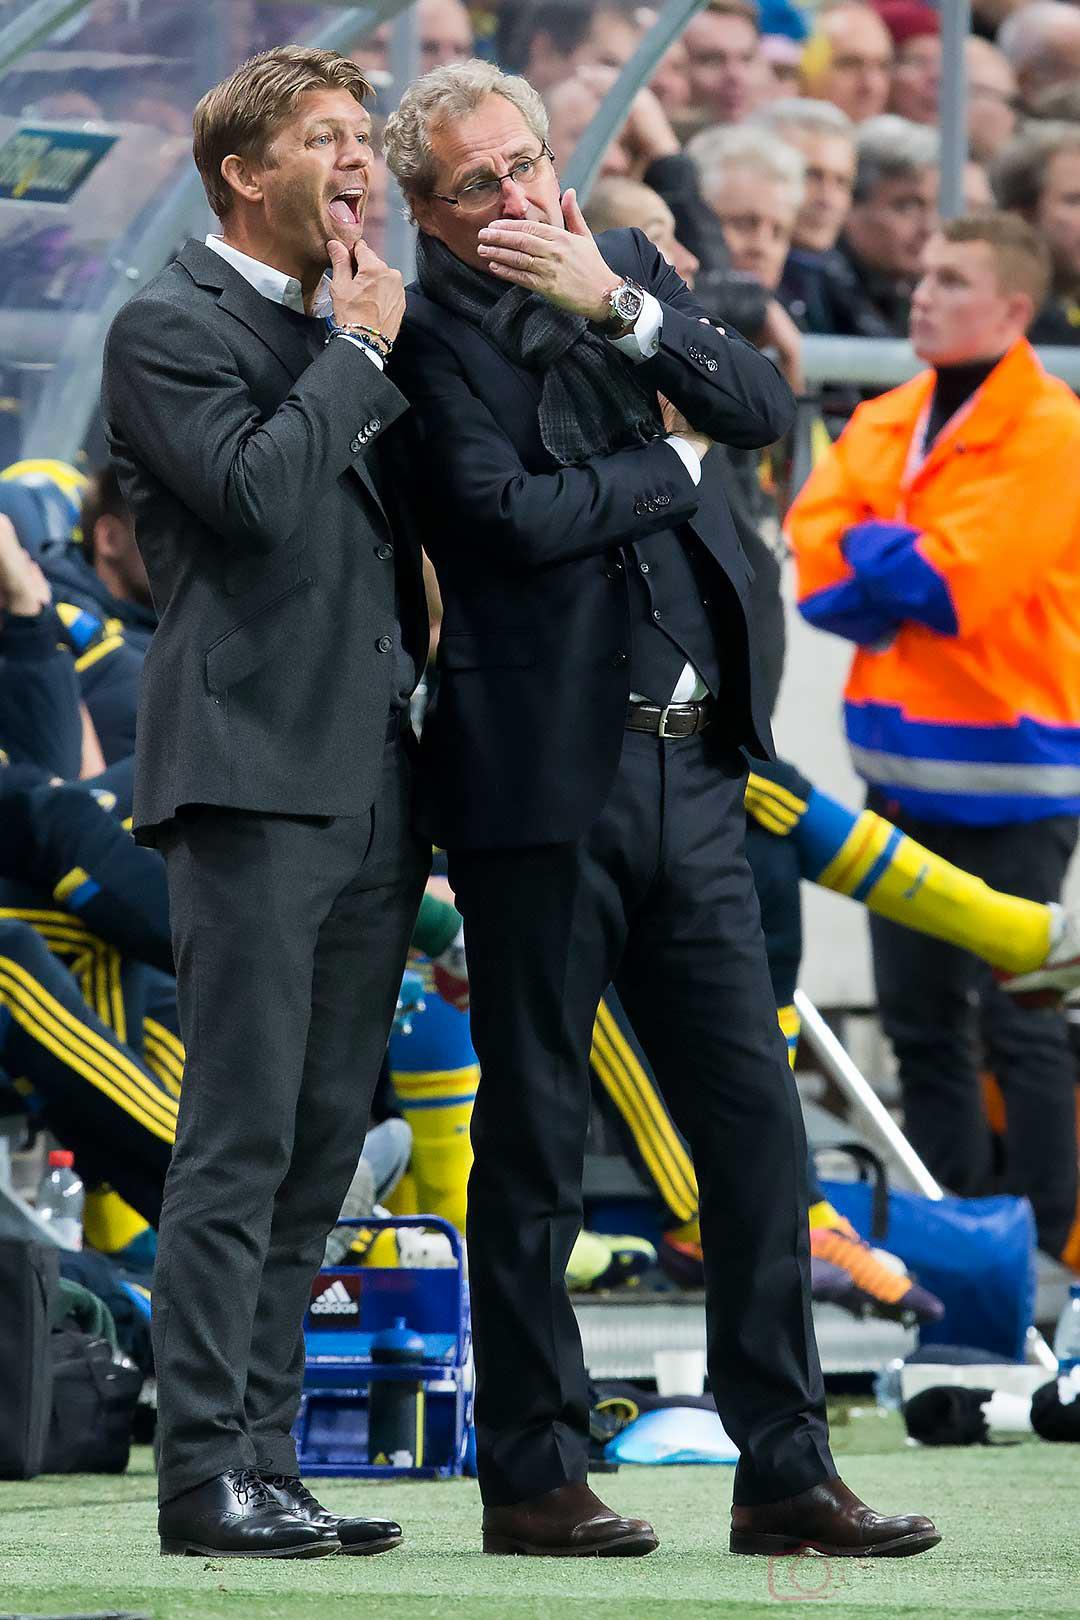 Sweden förbundskapten Erik Hamrén viskar till Marcus Allbäck